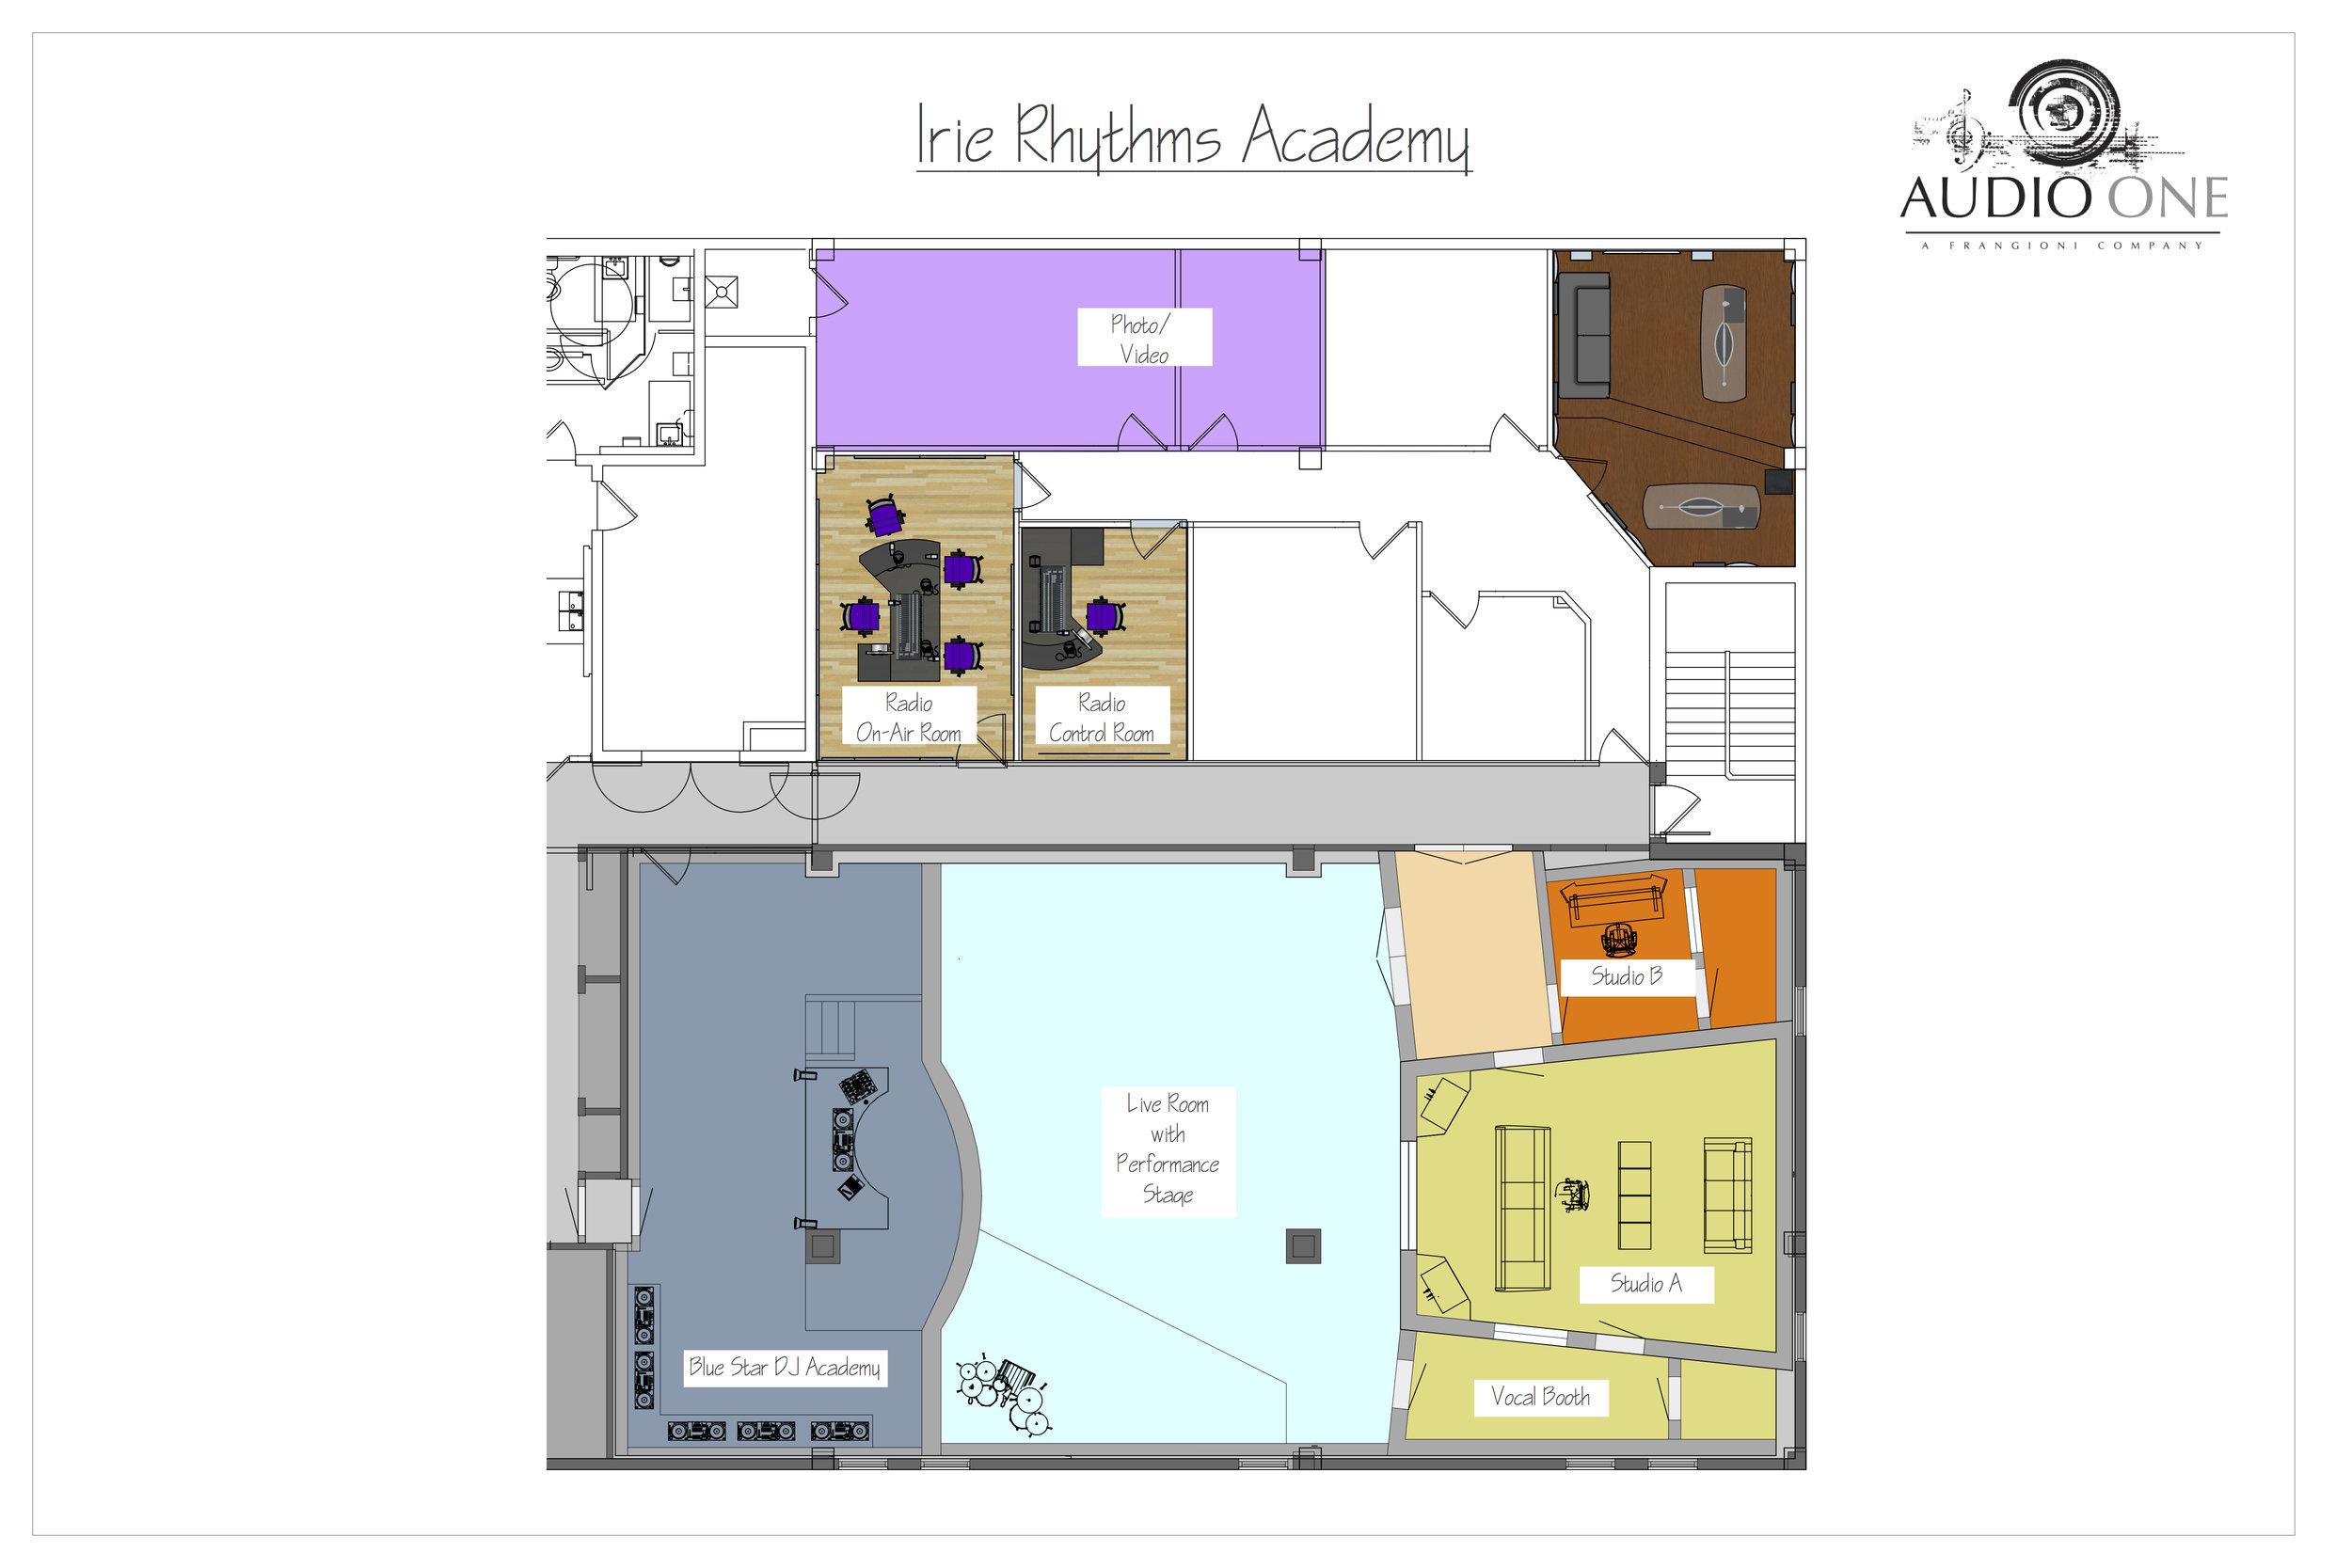 2018_01 A-1_IRIE RHYTHMS ACADEMY_Layout Drawing_1-24-18.jpg